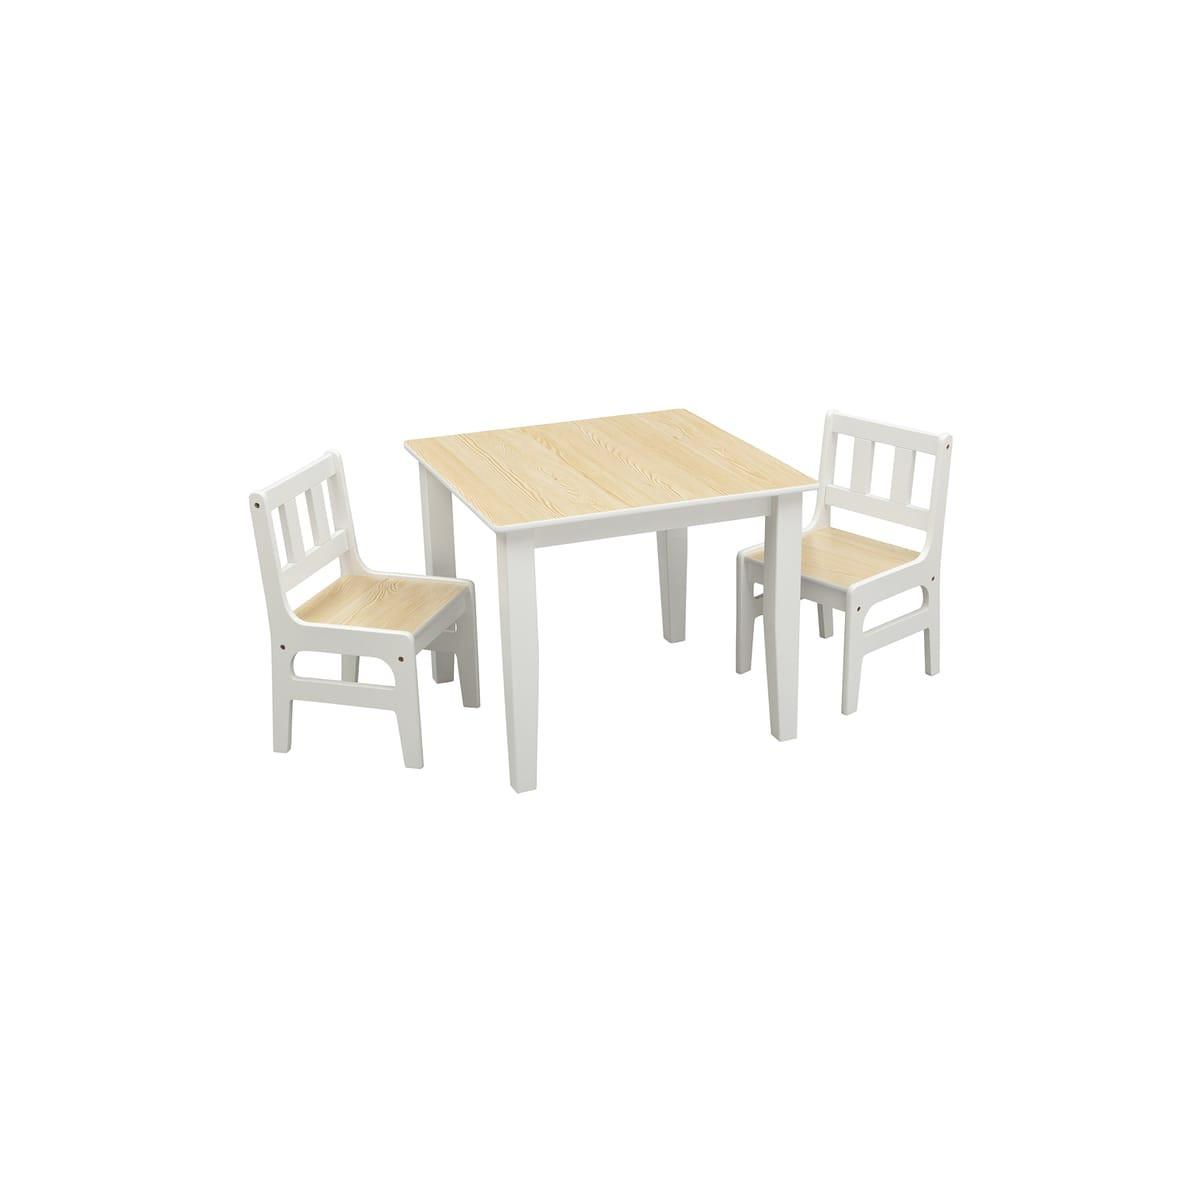 Table Rectangulaire + 2 Chaises Pour Enfants Twin Auchan ... intérieur Auchan Chaise